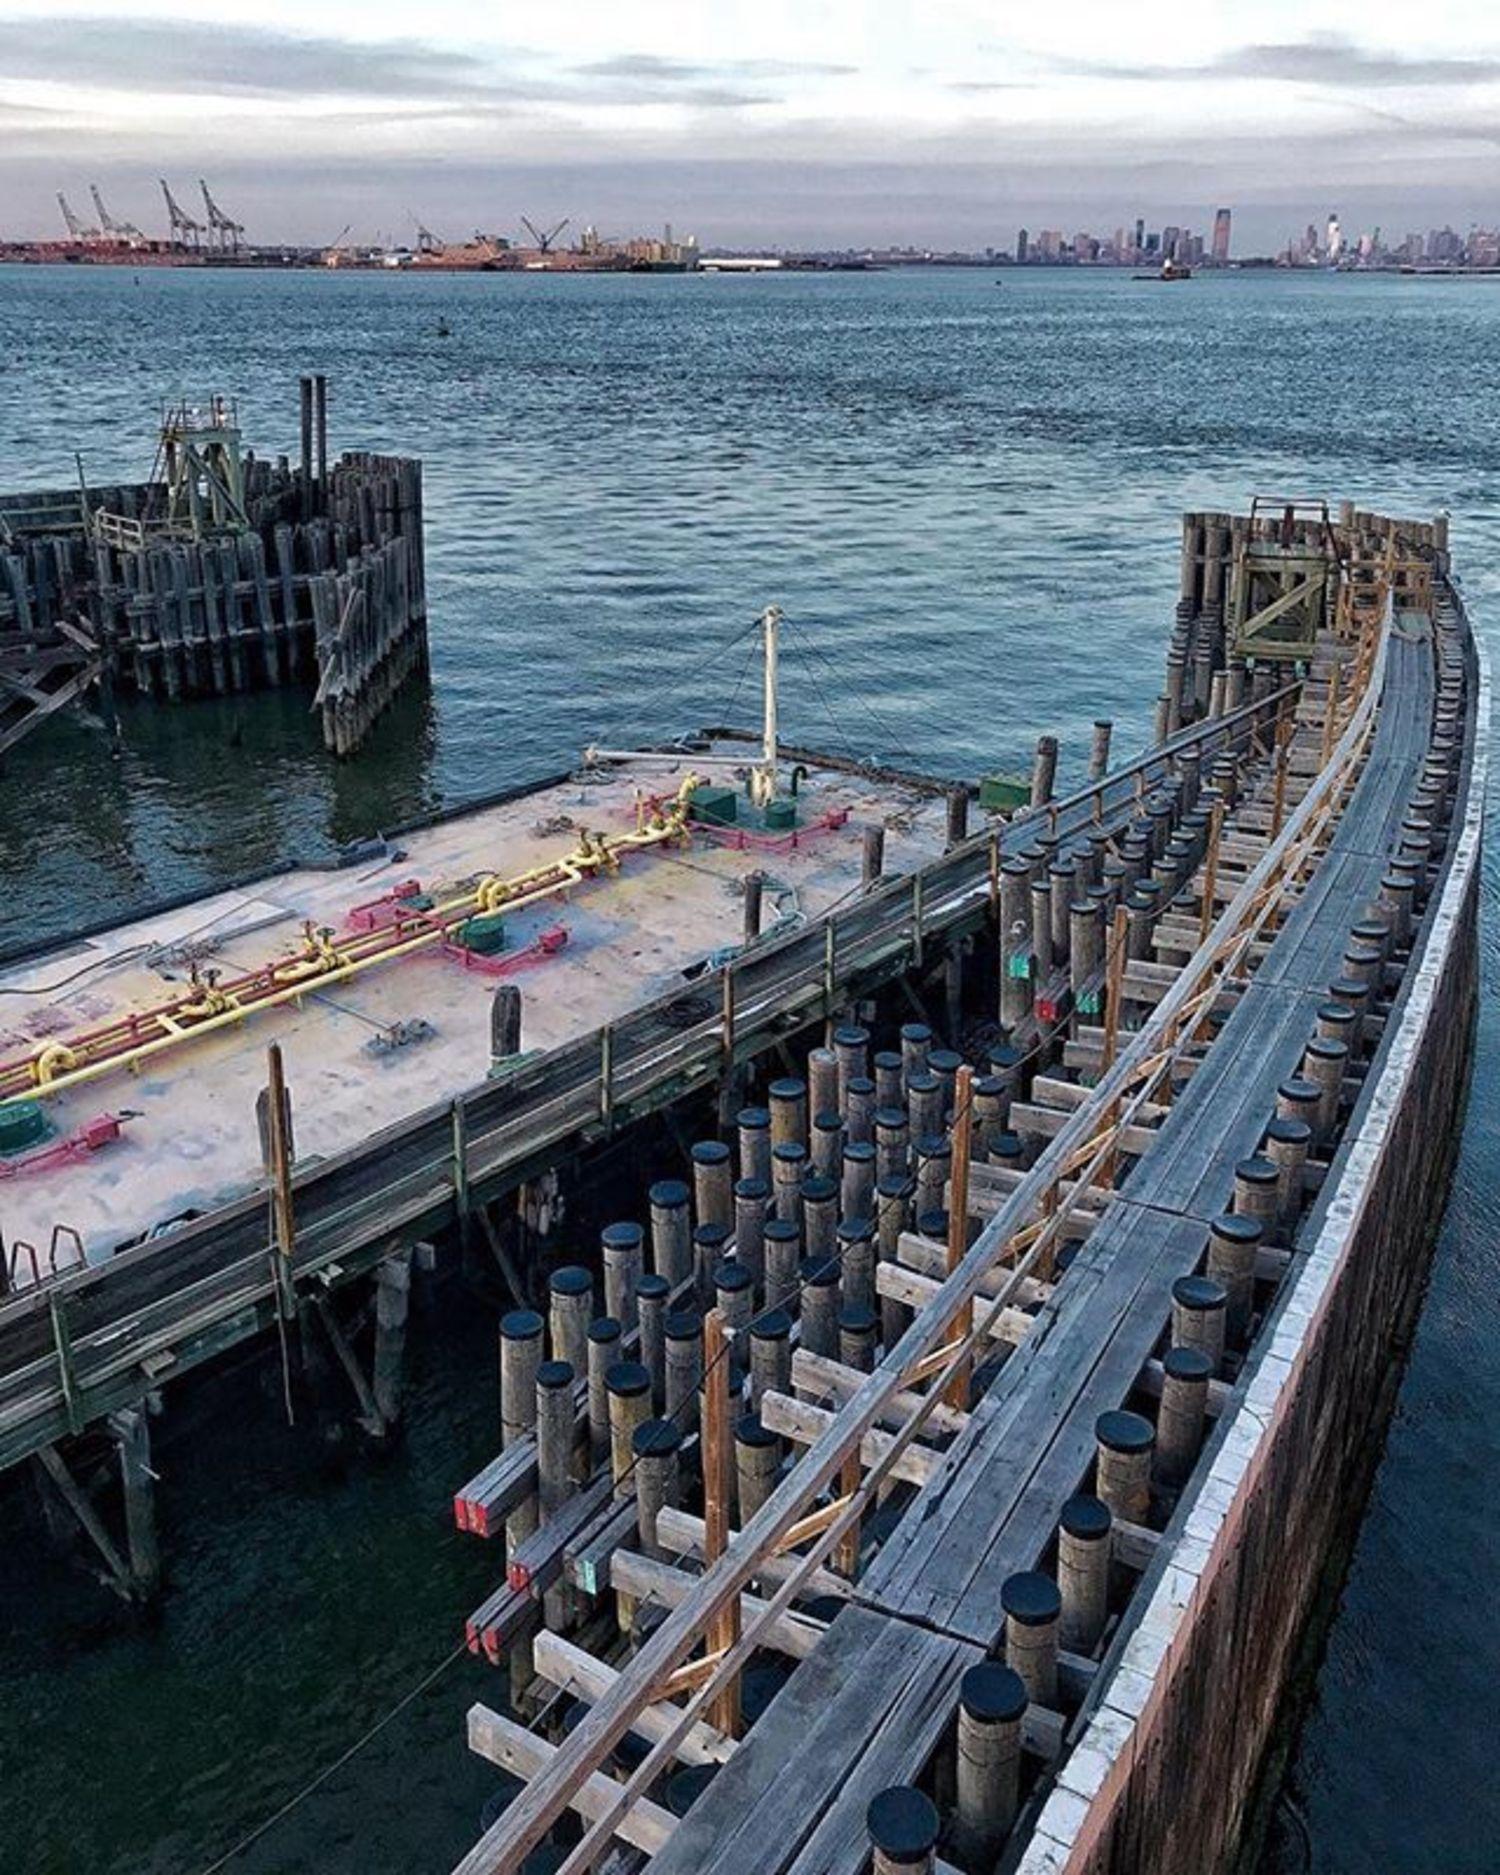 Staten Island, New York. Photo via @cindylai9880 #viewingnyc #newyork #newyorkcity #nyc